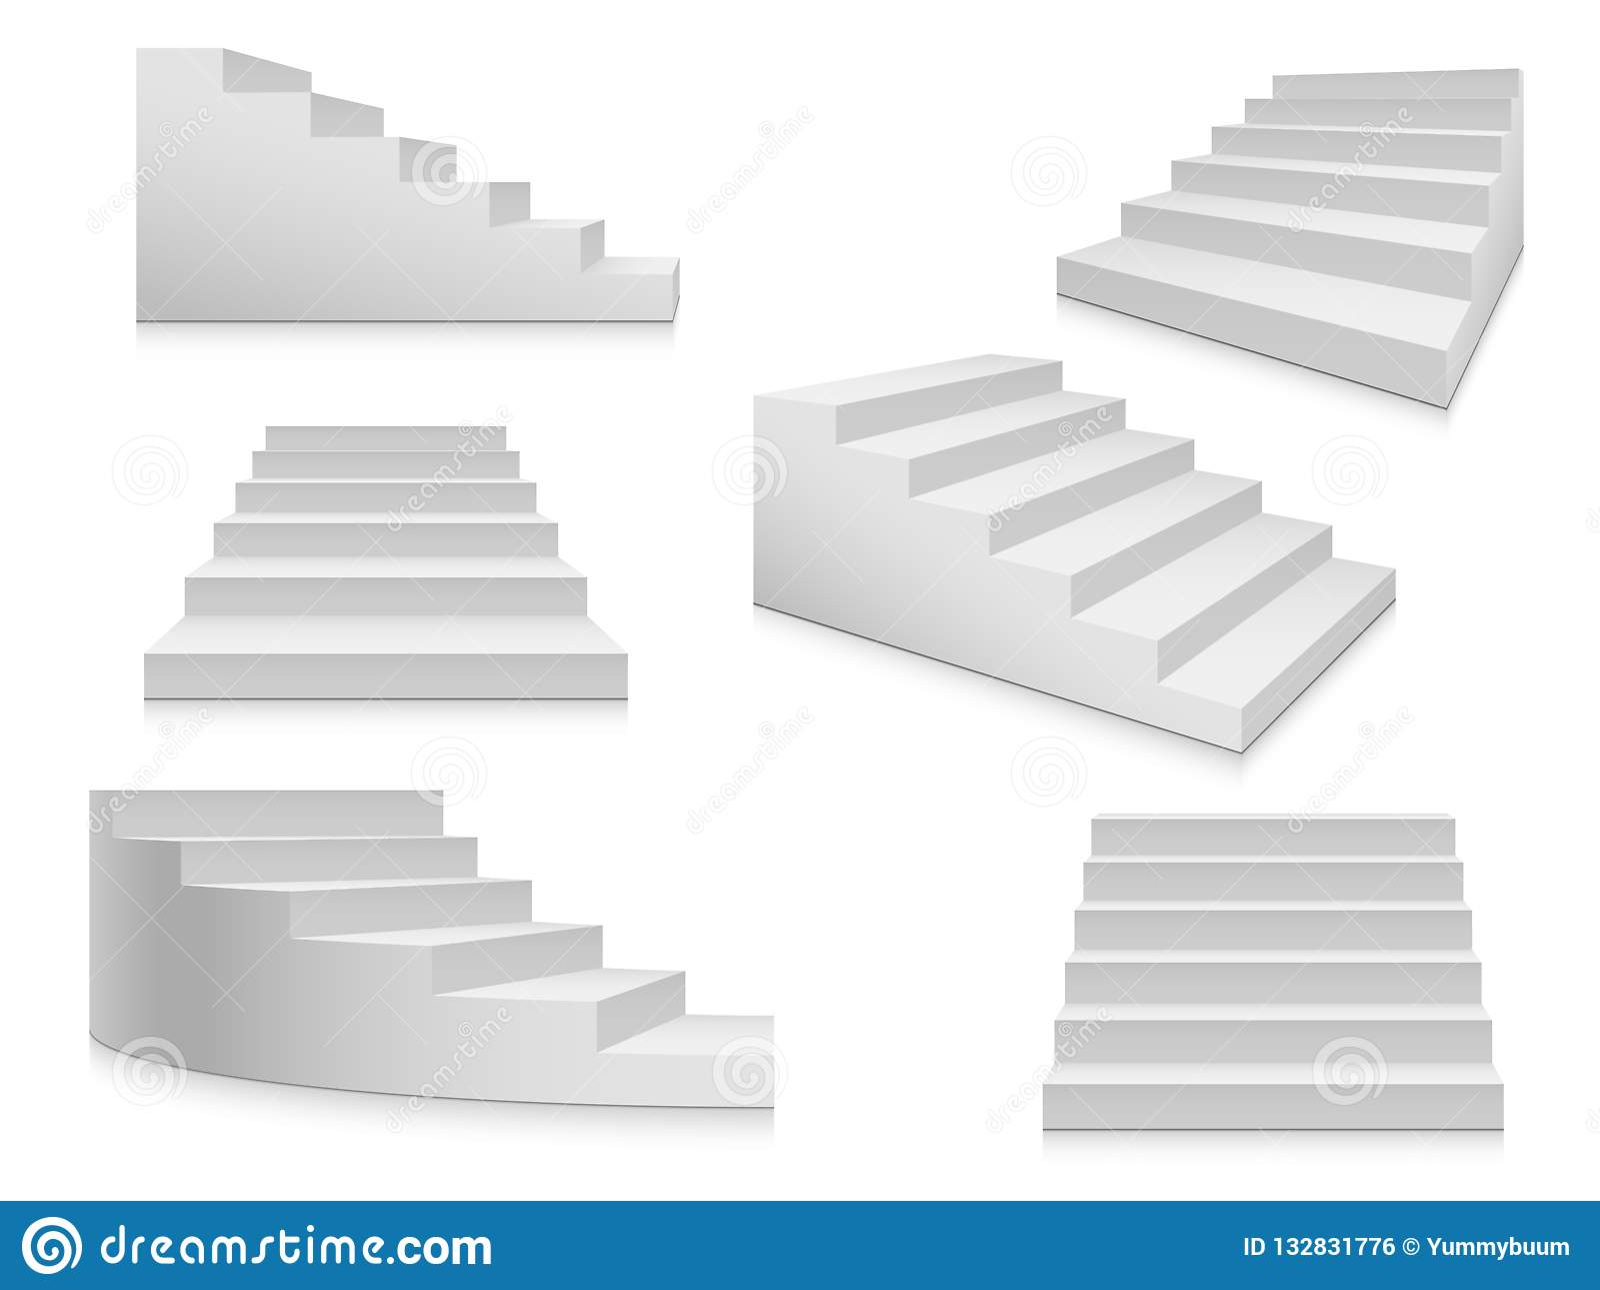 Schody białe Schody, 3d schody, wewnętrzni schody odizolowywający Krok drabiny architektury elementu wektoru kolekcja